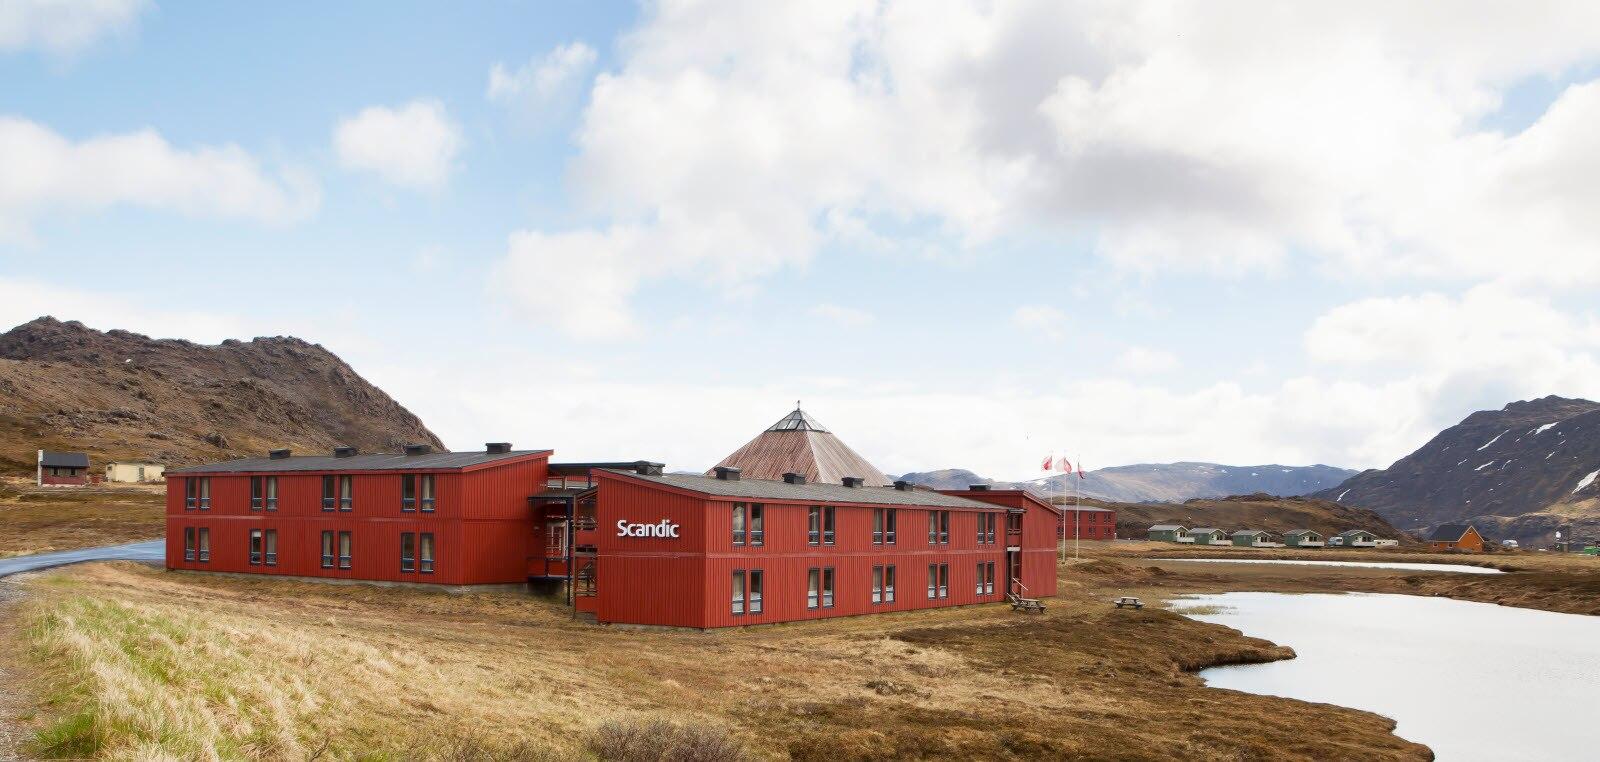 Nordkapp - Famous places to visit